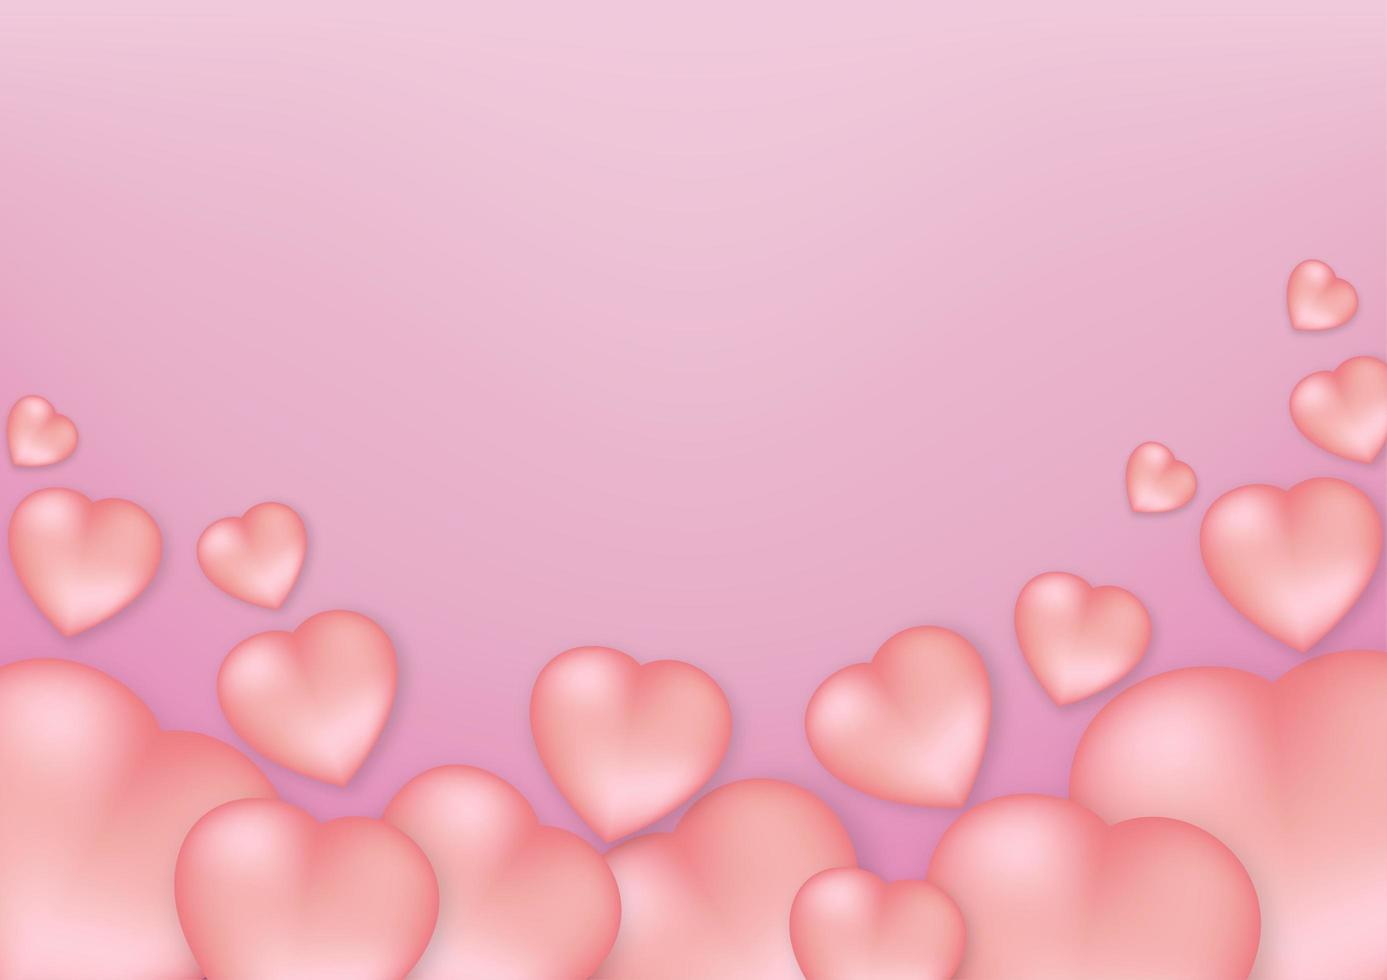 vorm van hartjes op een roze achtergrond vector